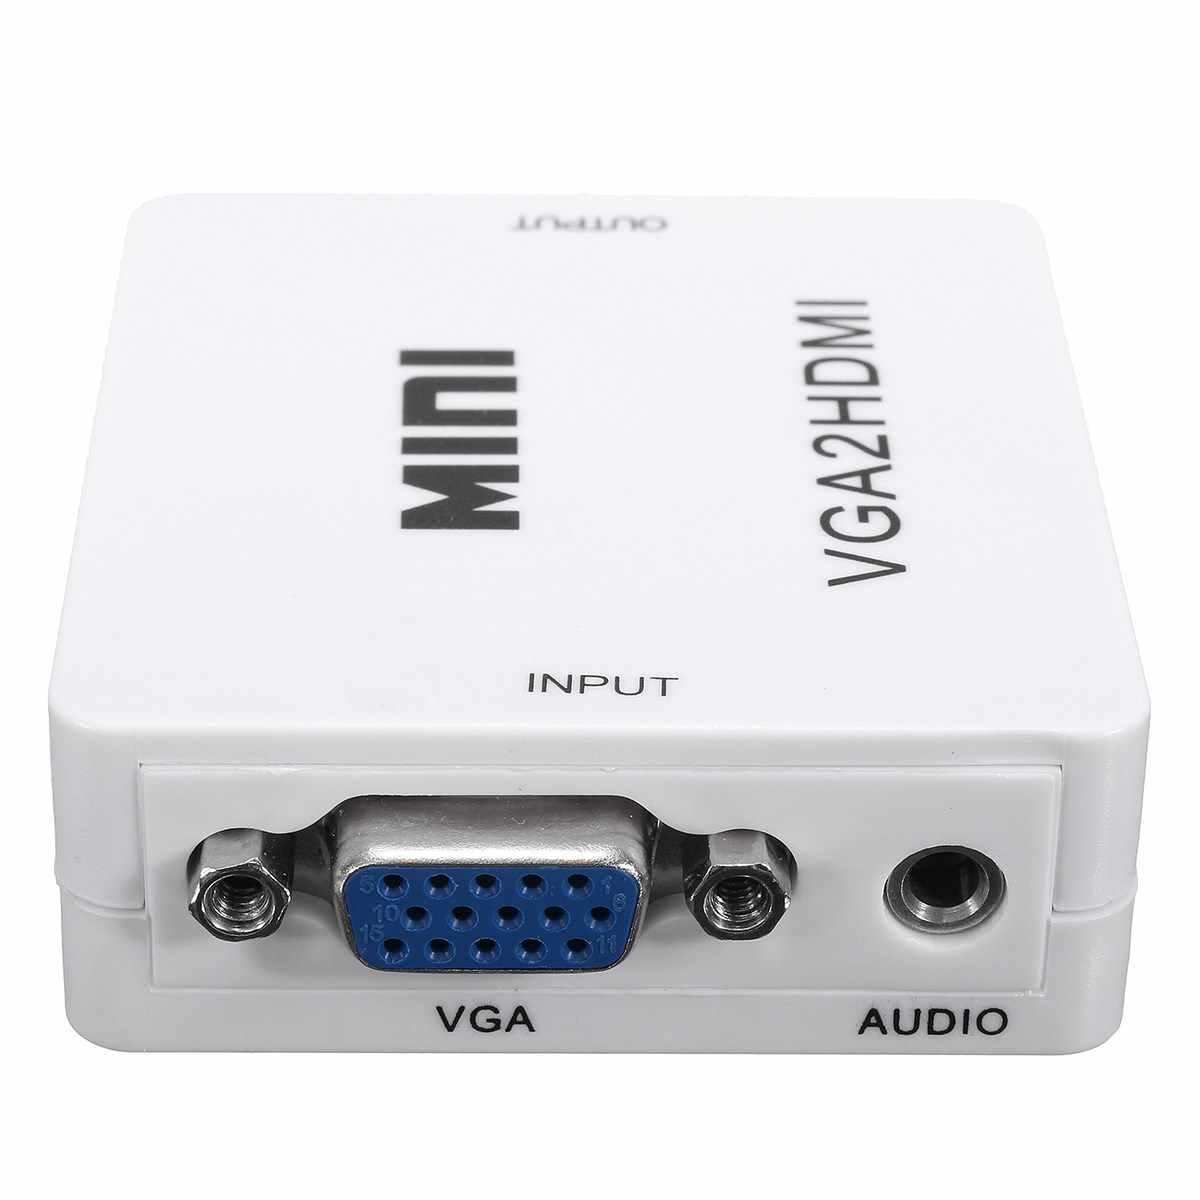 Leory المحمولة البسيطة 1080 وعاء vga إلى hdmi الصوت والفيديو محول مربع محول ل hdtv pc الكمبيوتر المحمول dvd الأبيض